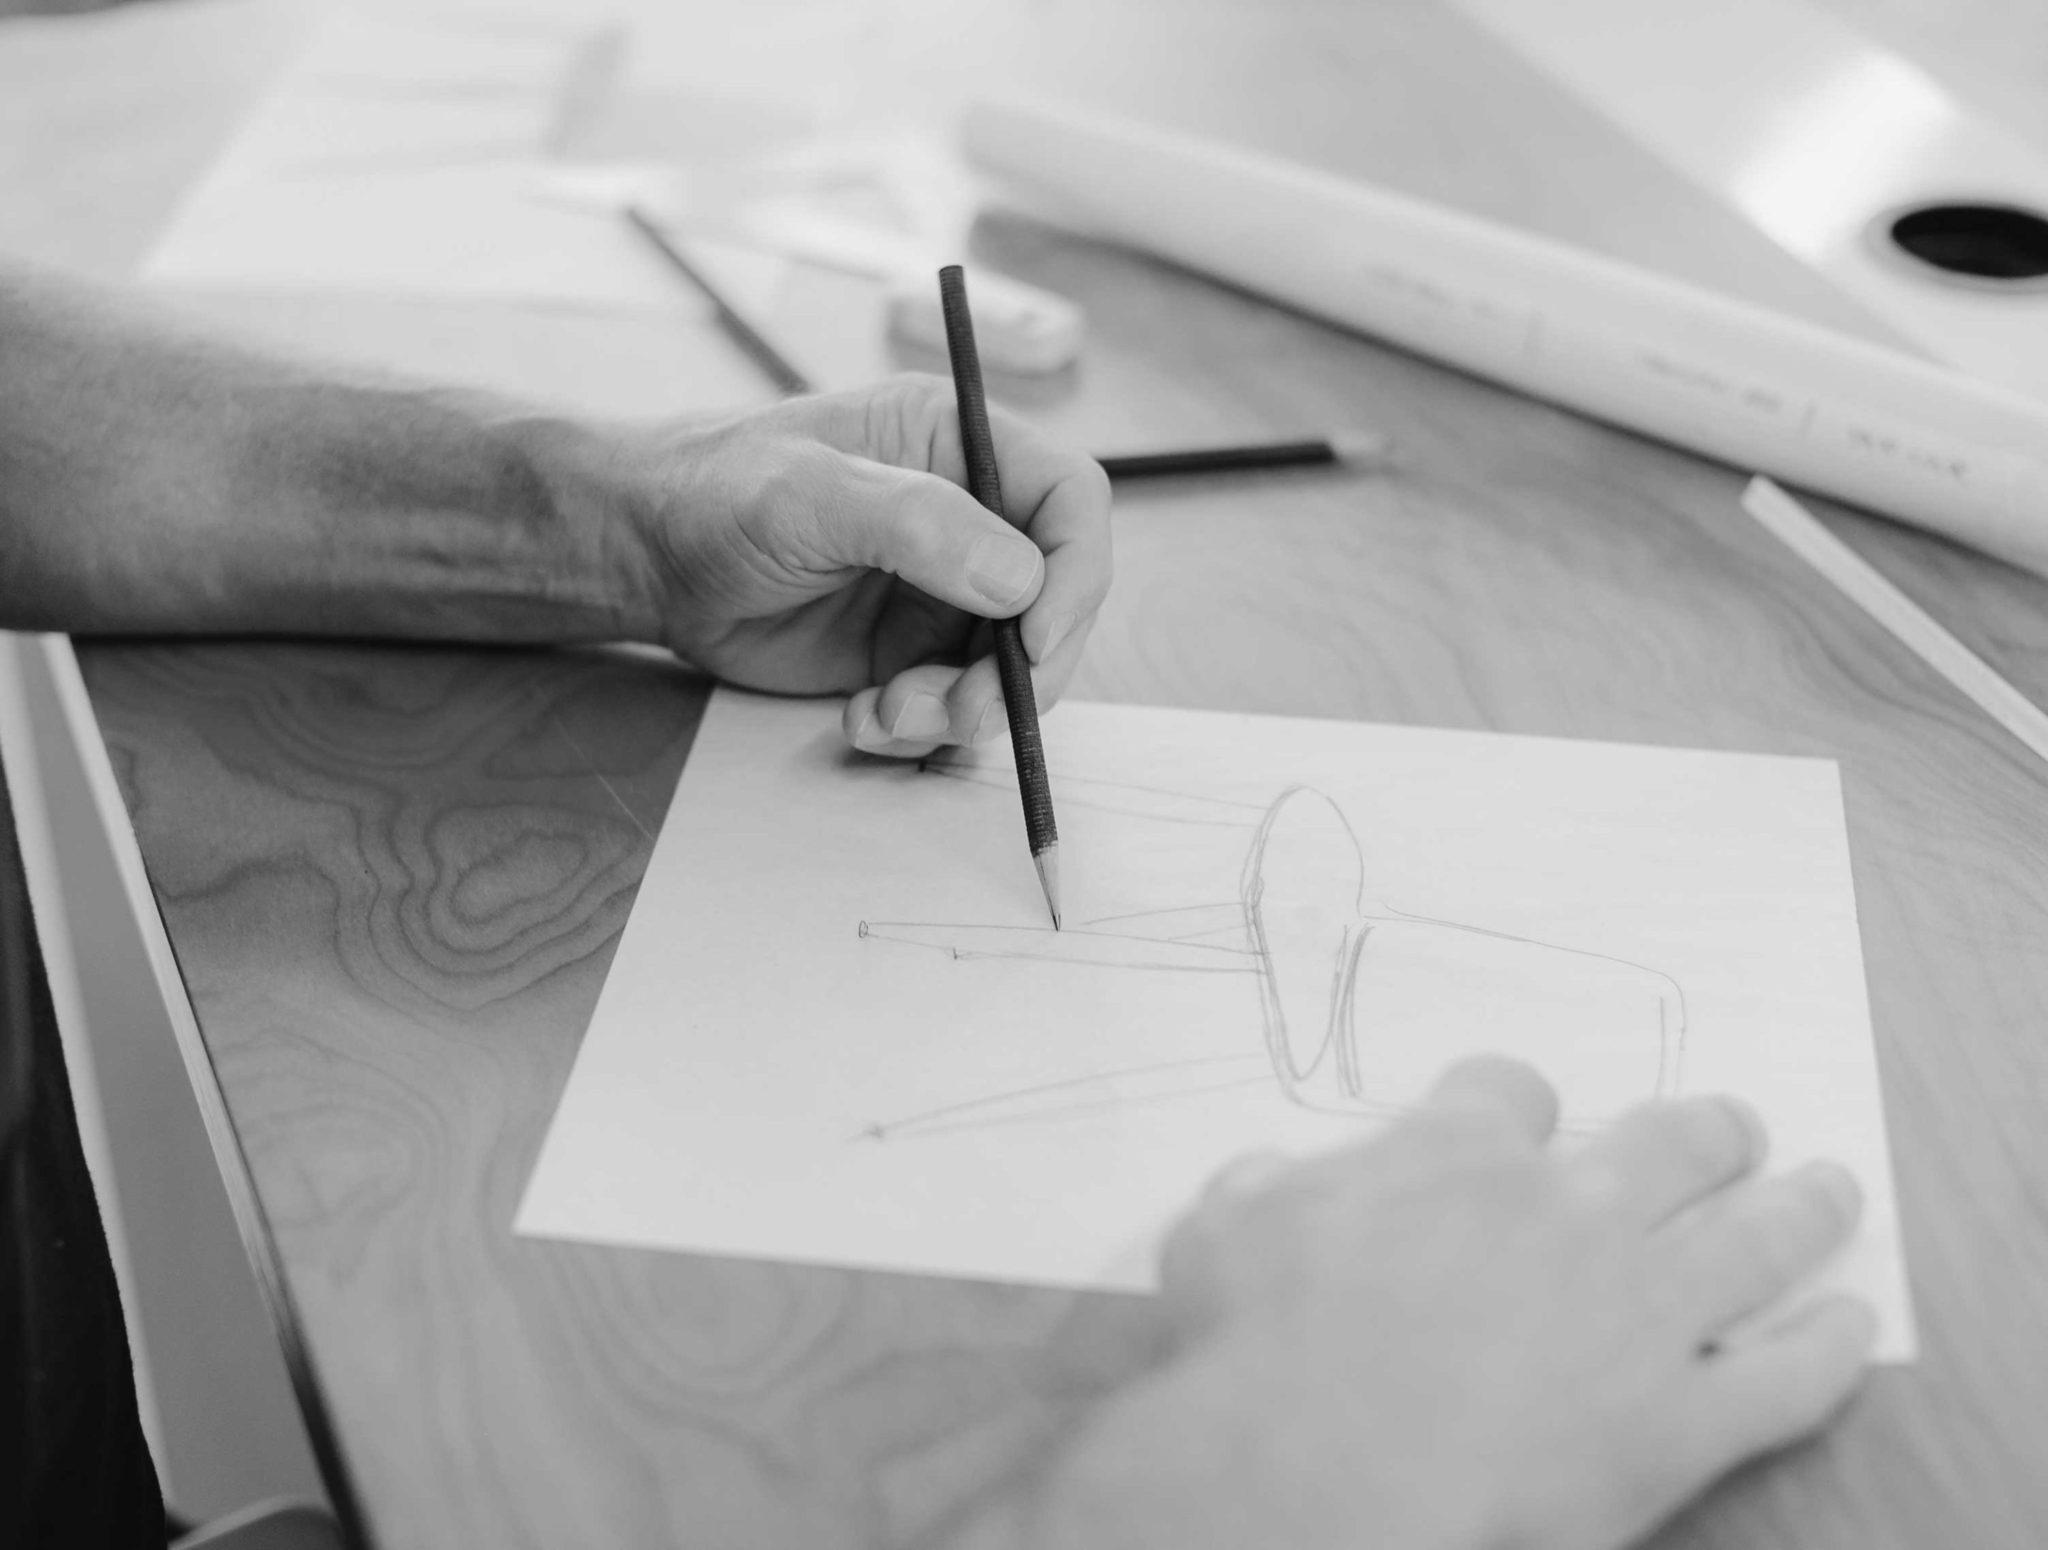 leland-designer-leland-design-group